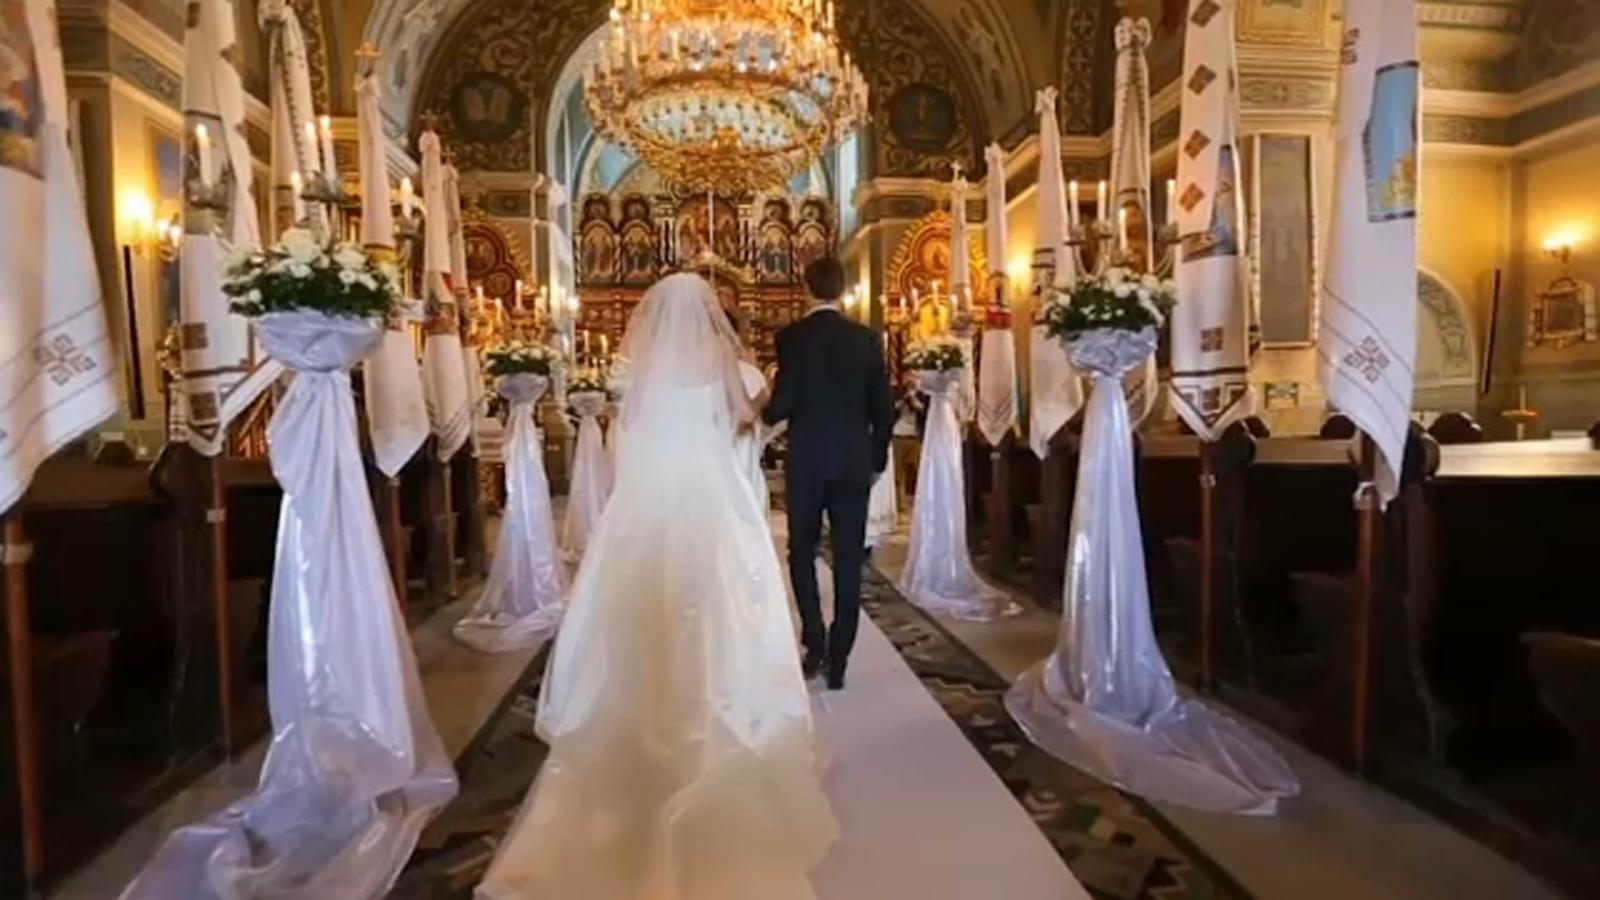 6220331_052920-kabc-solutions-covid-weddings